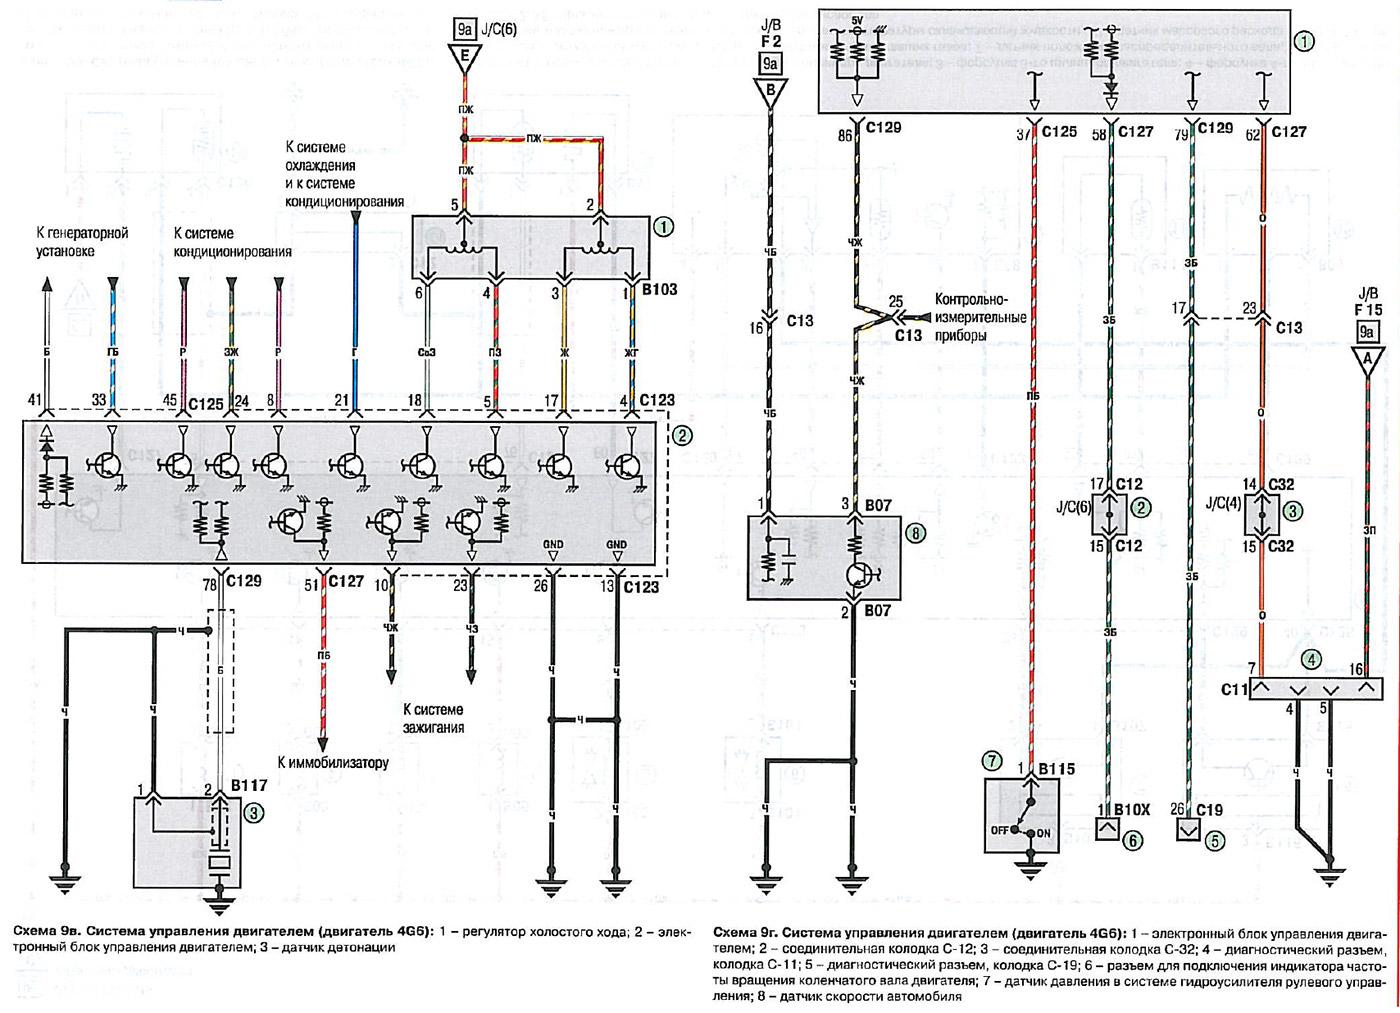 Принципиальная схема системы охлаждения двигателя фото 30